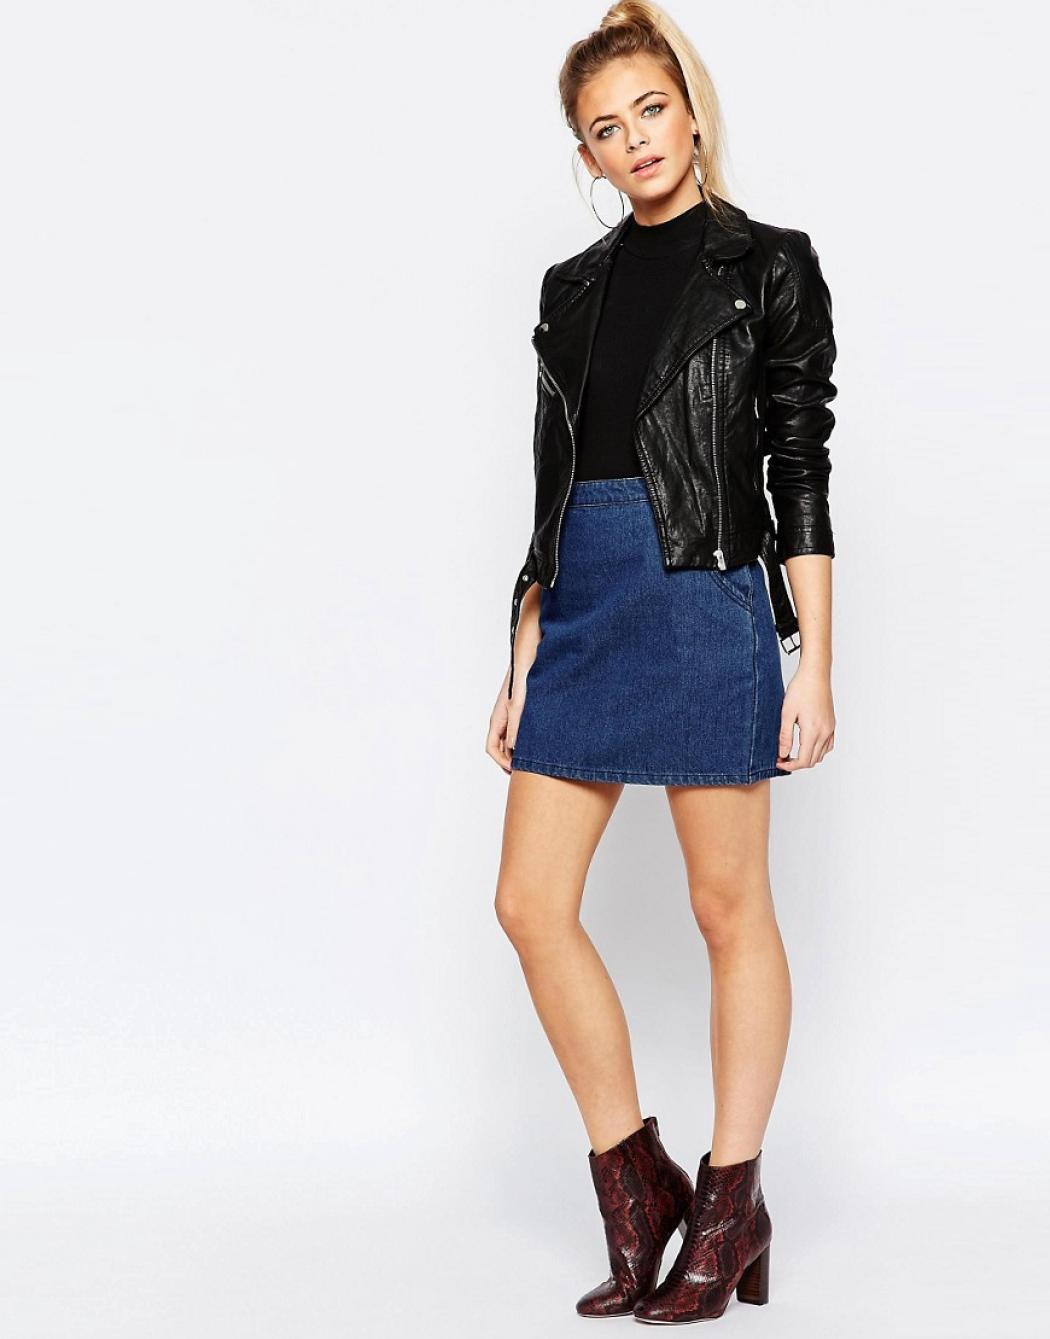 97bf30b17f4e Come indossare la gonna di jeans - Radio Monte Carlo